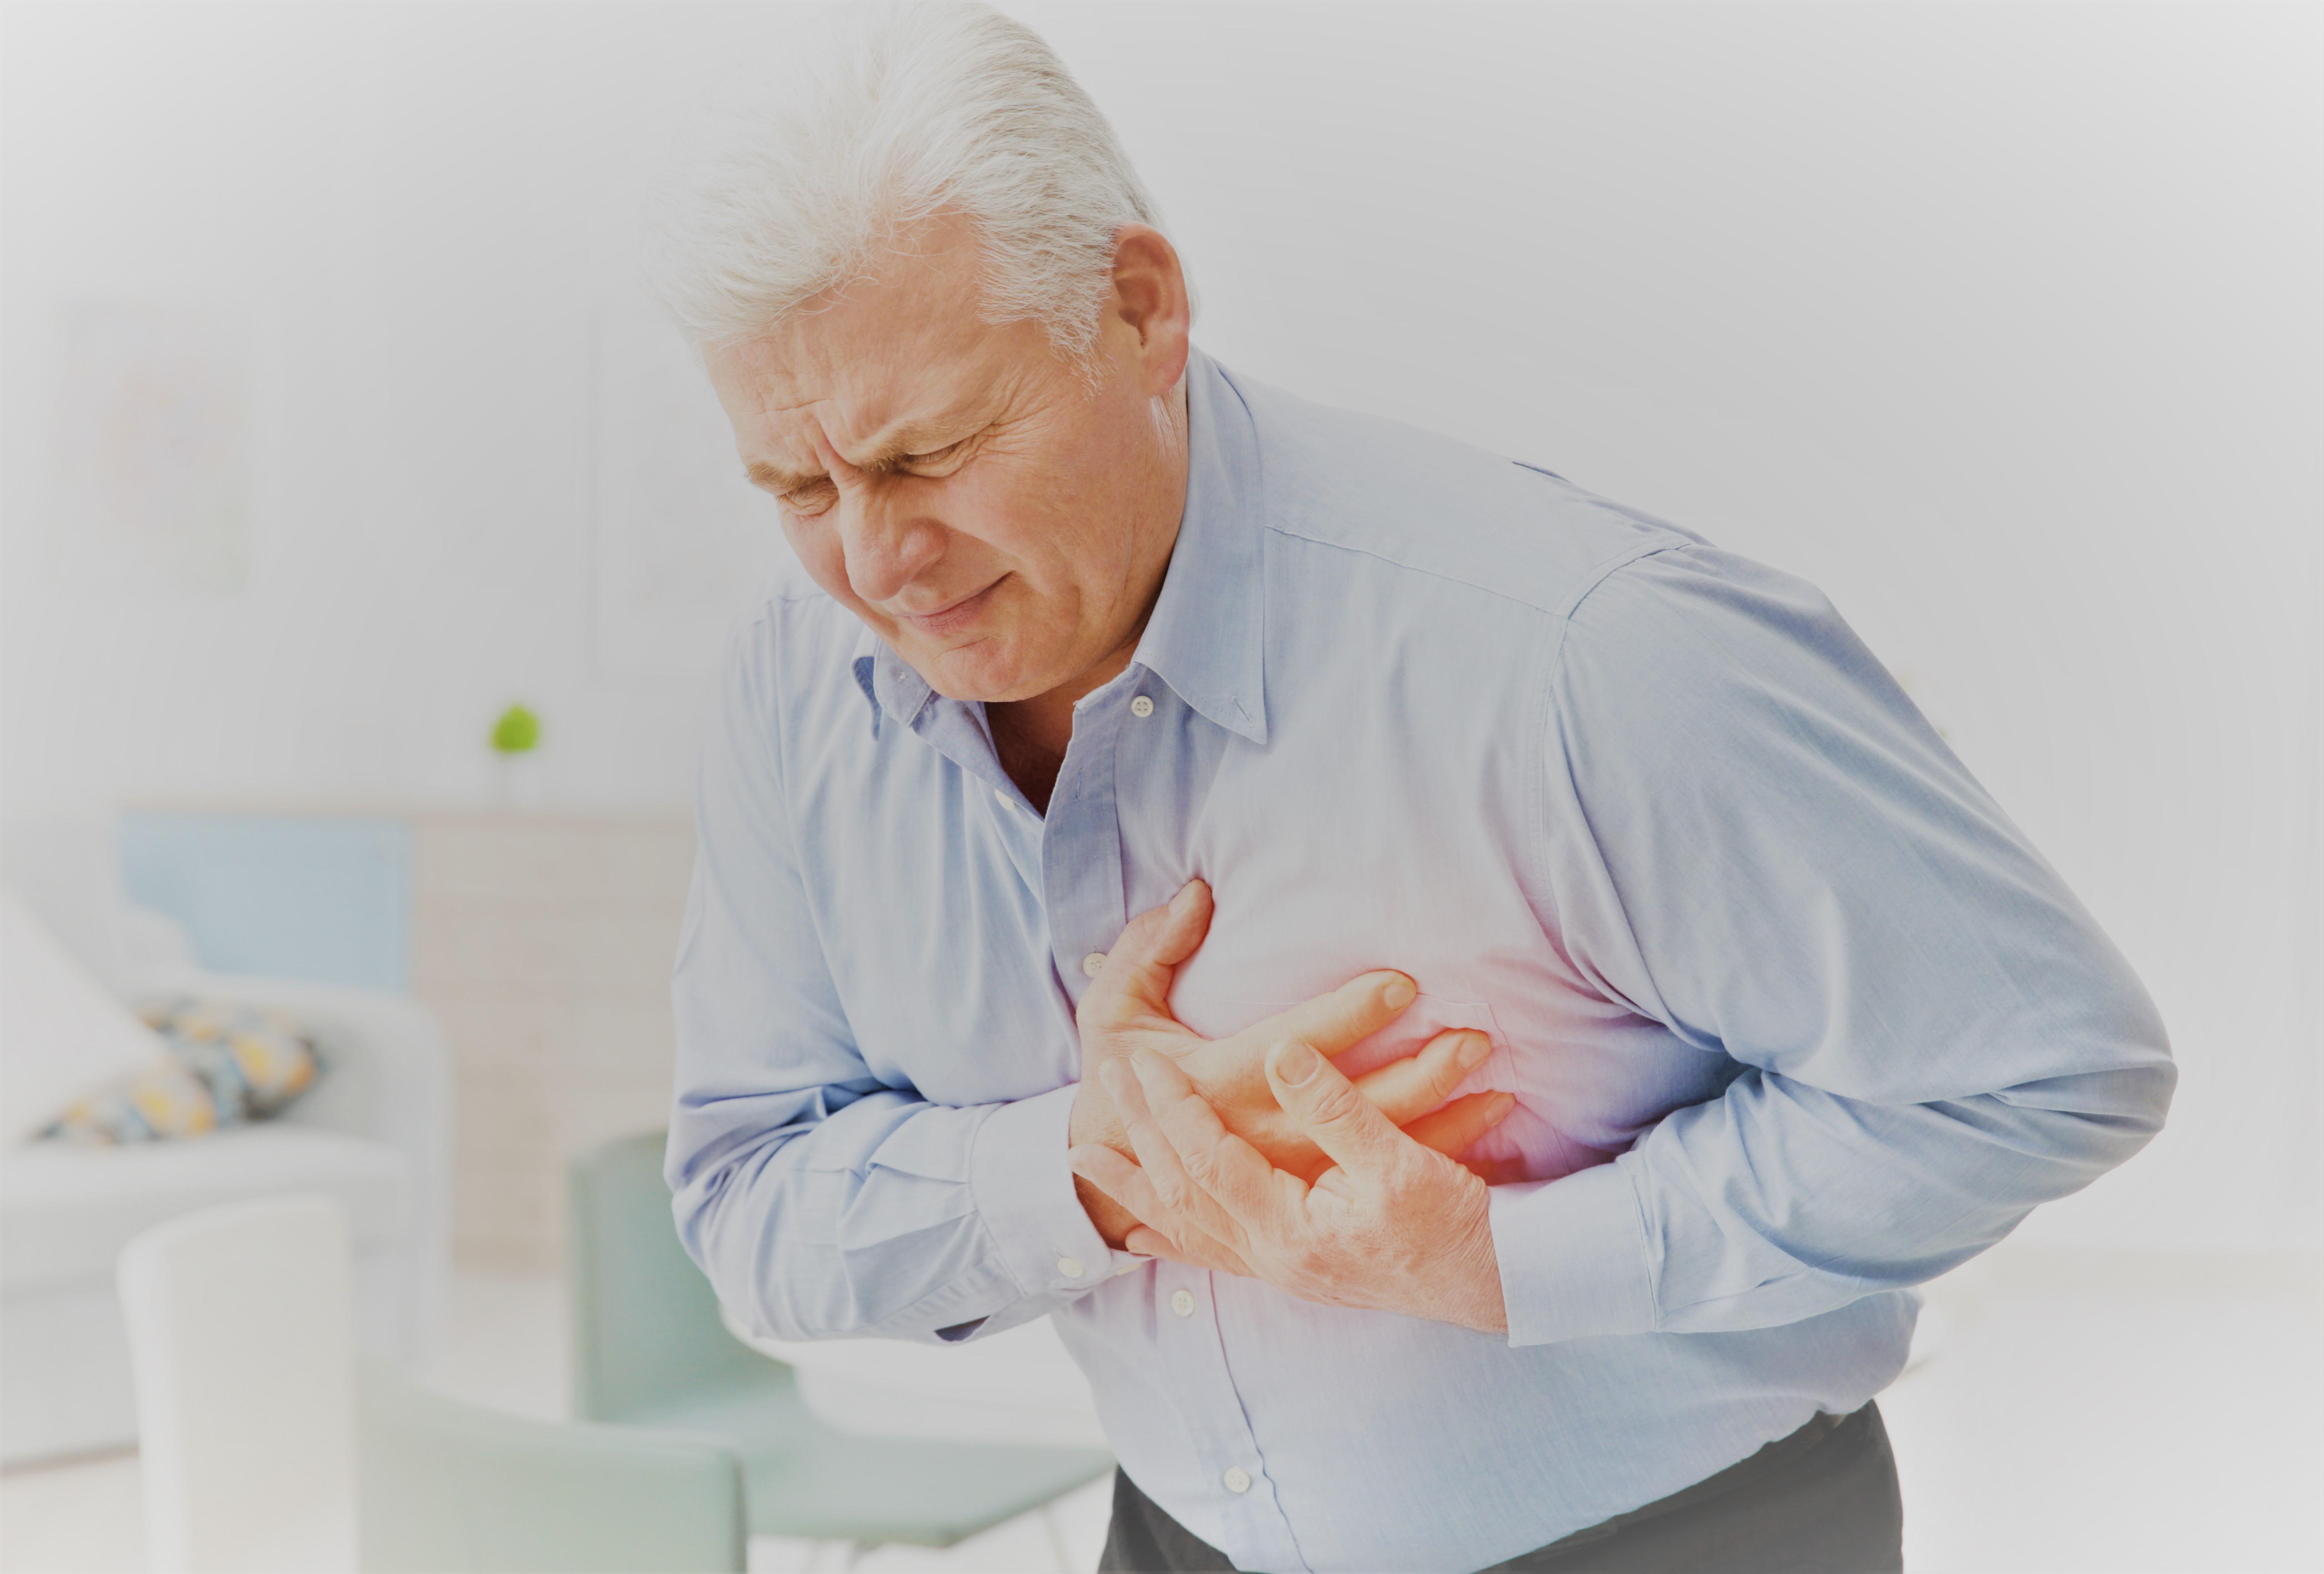 népi gyógymód hogyan lehet gyógyítani a magas vérnyomást)